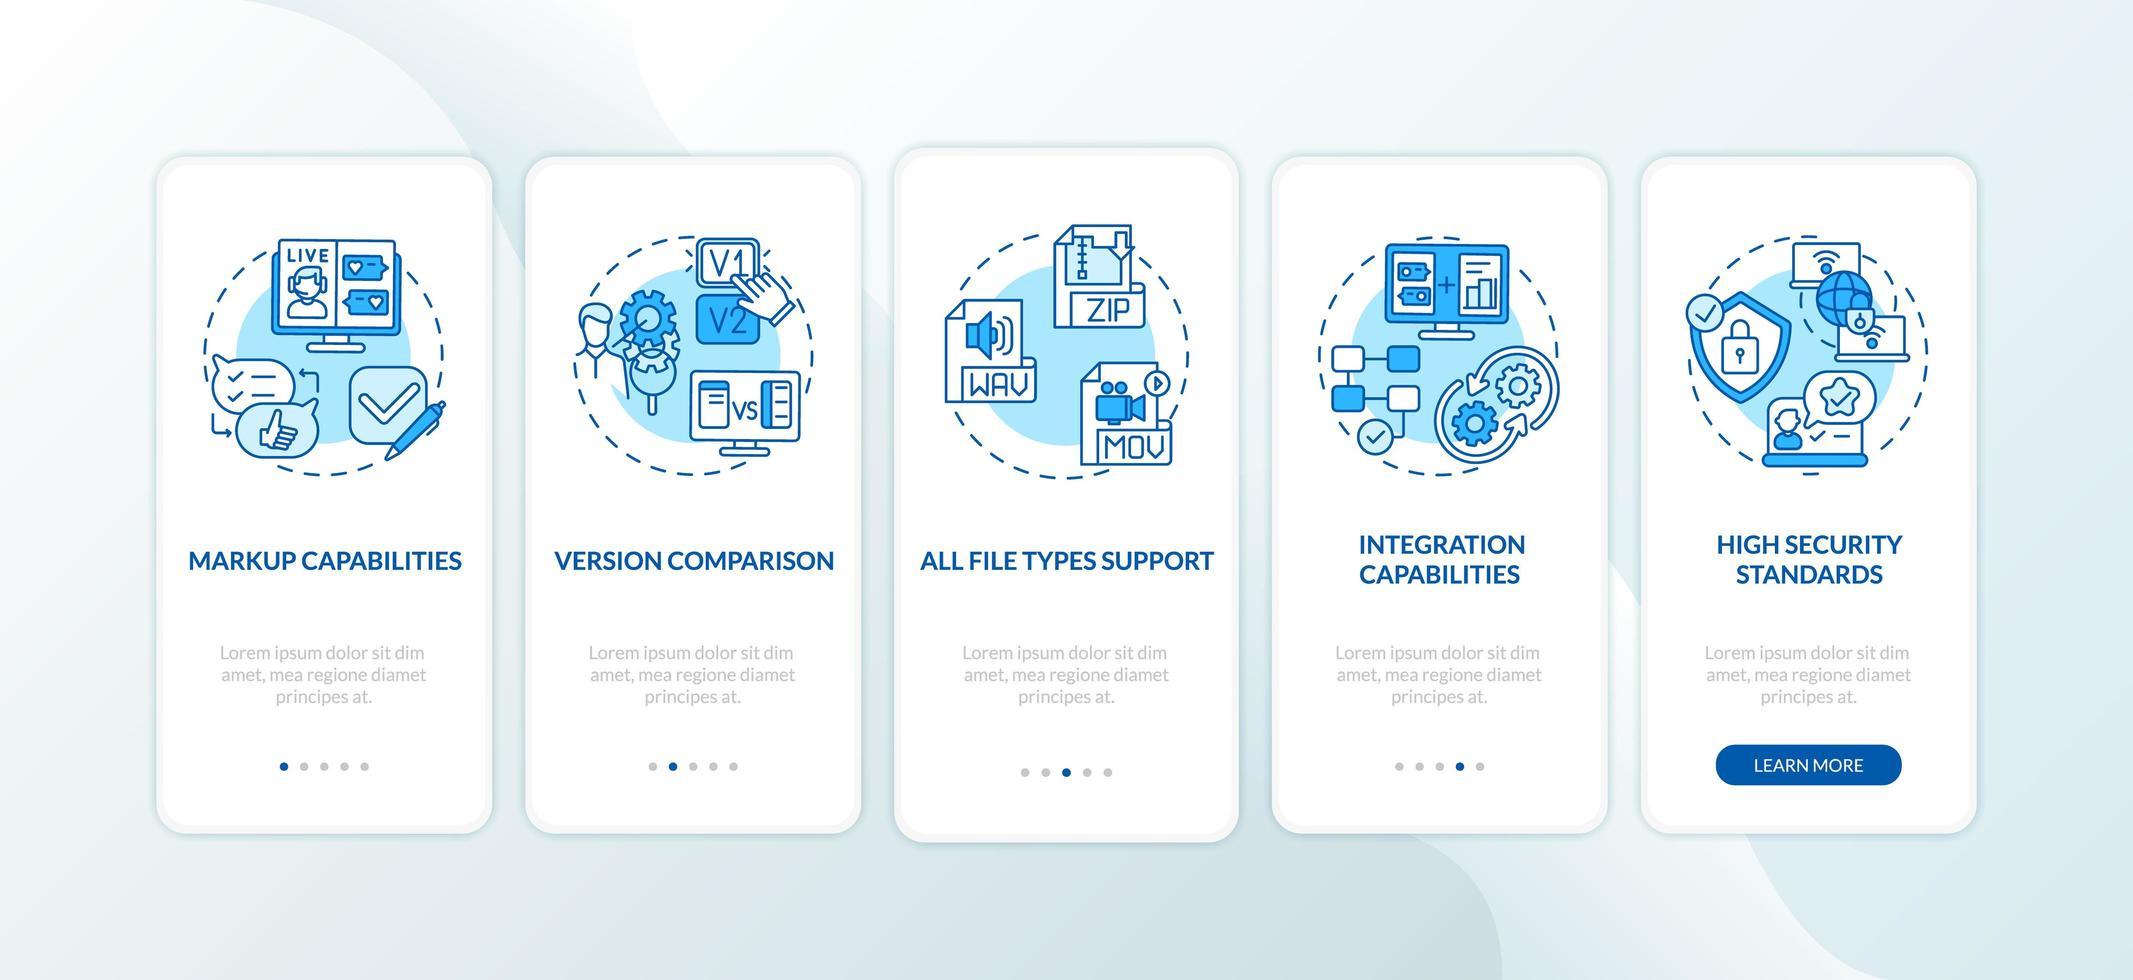 Écran de la page de l'application mobile d'intégration des fonctionnalités de l'outil de révision en ligne avec concepts vecteur